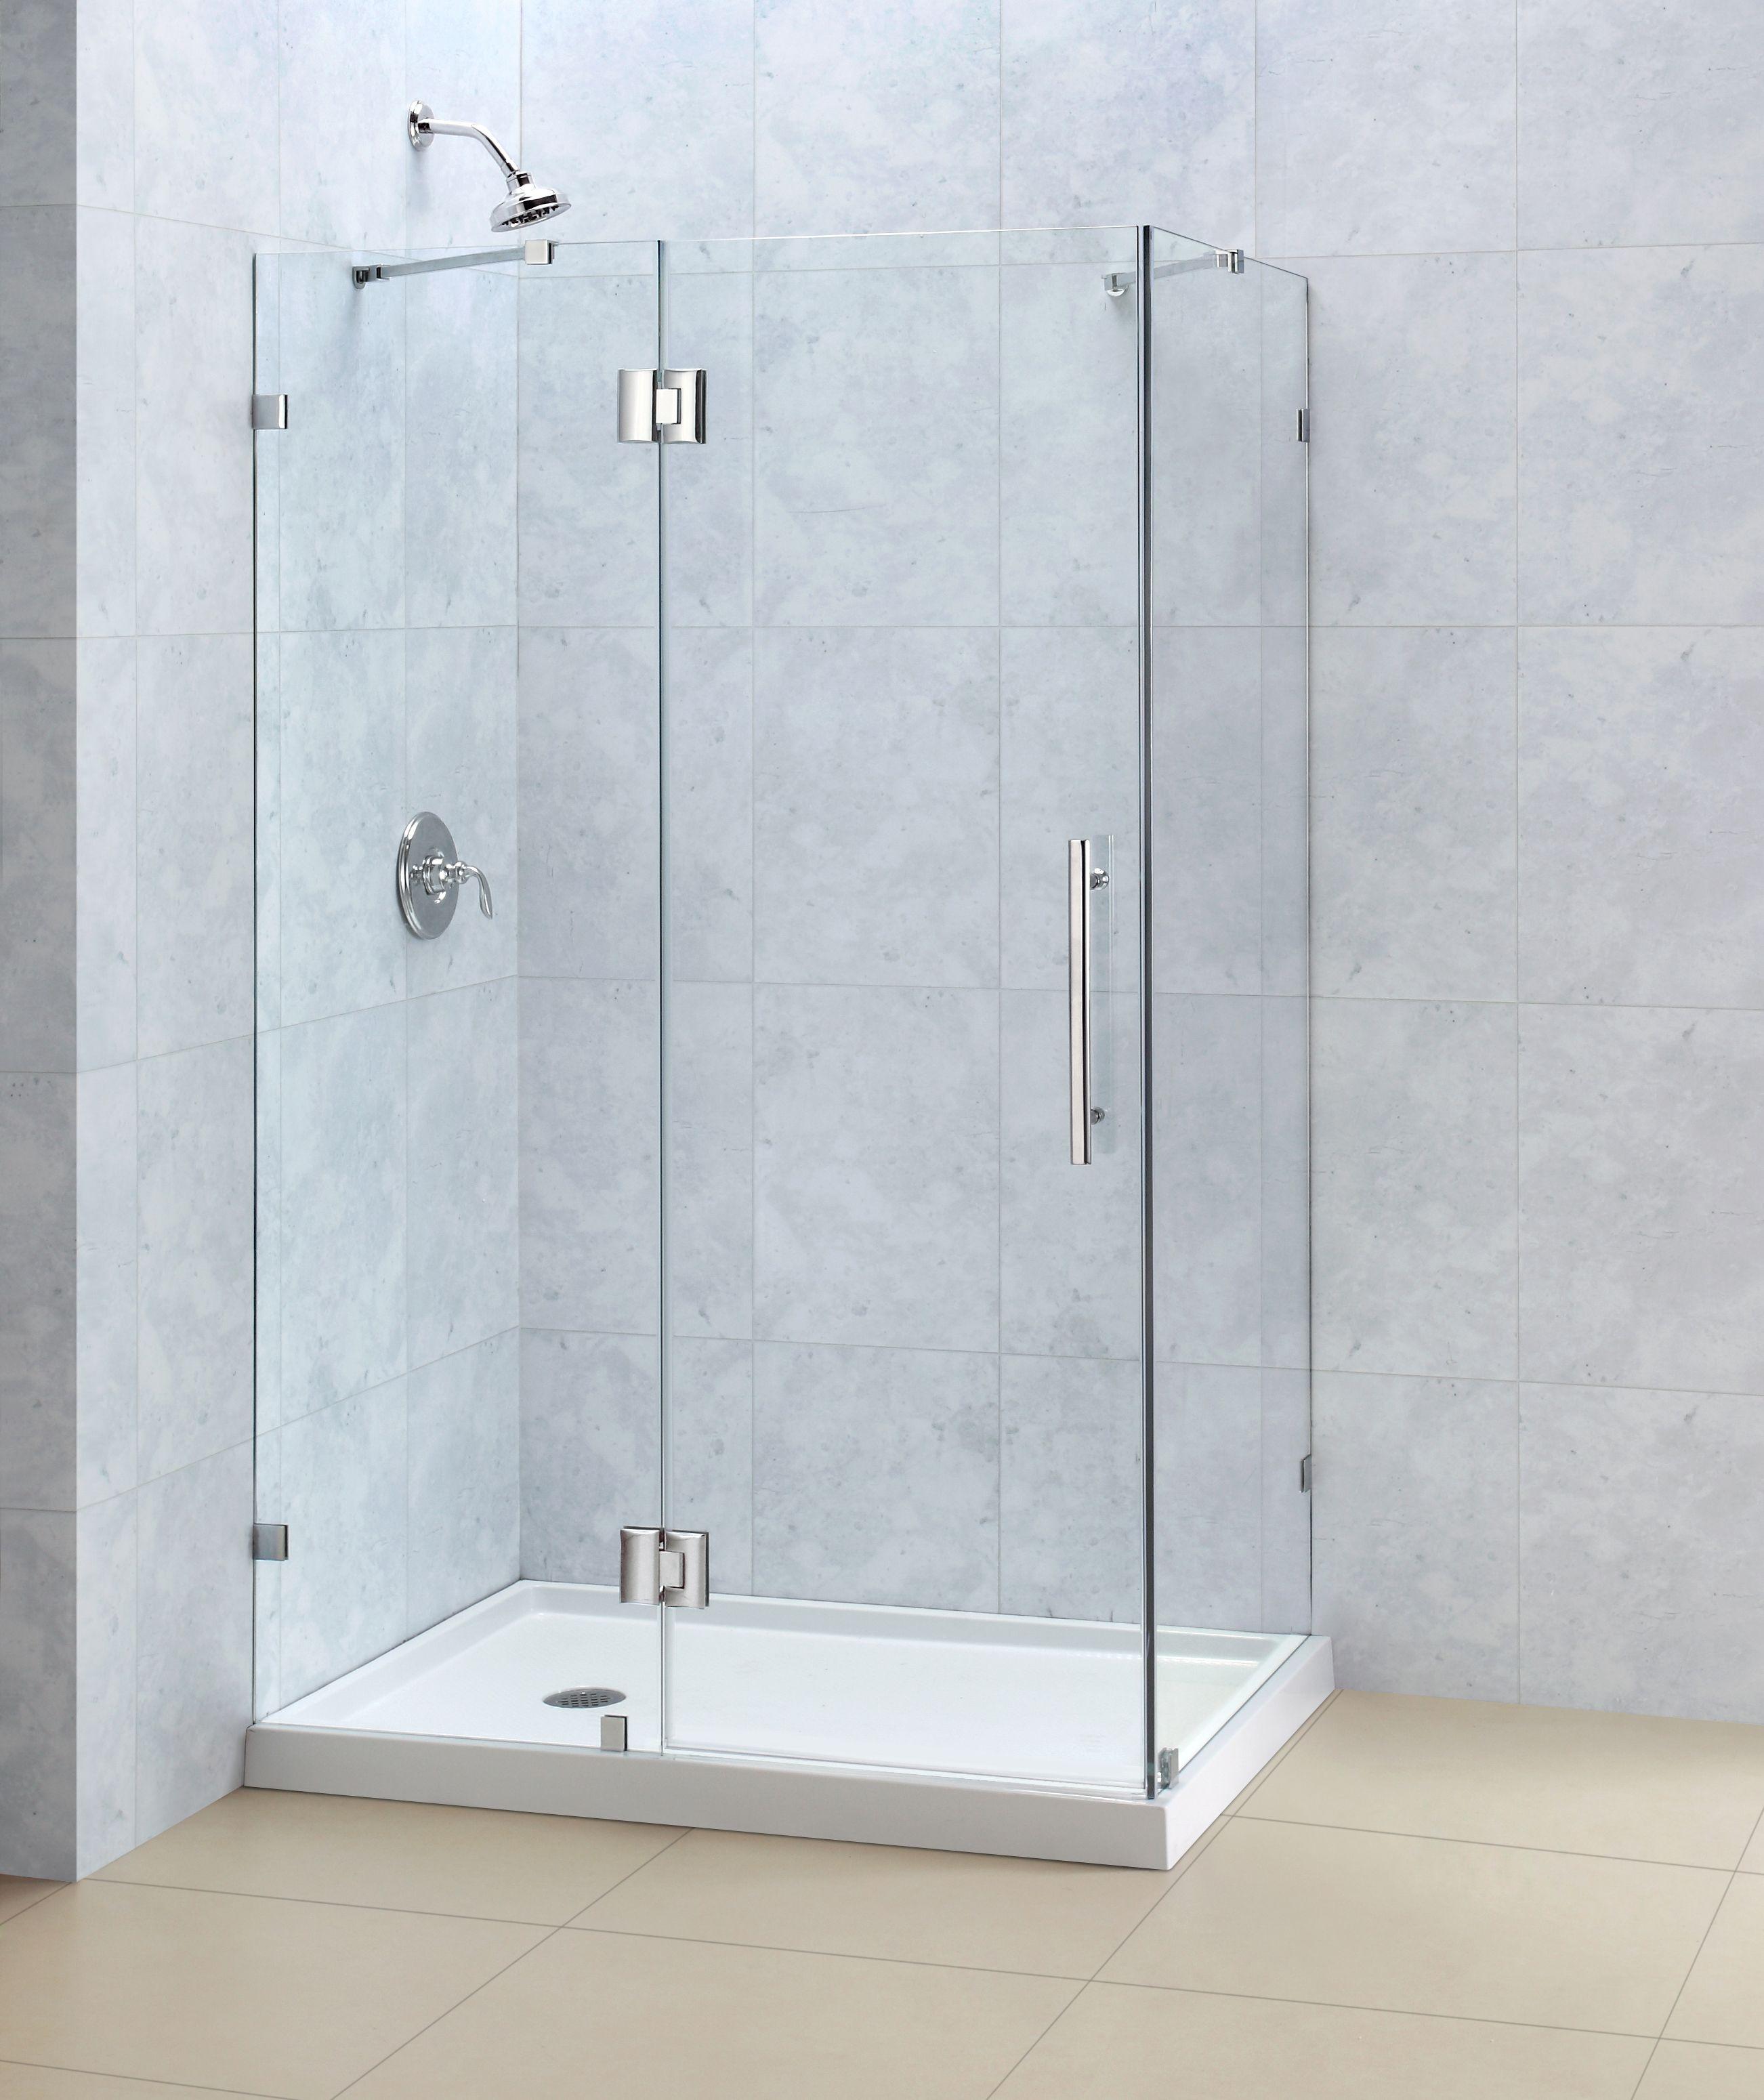 Lowes Bathroom Glass Shower Doors In 2020 Corner Shower Enclosures Glass Bathroom Glass Shower Doors